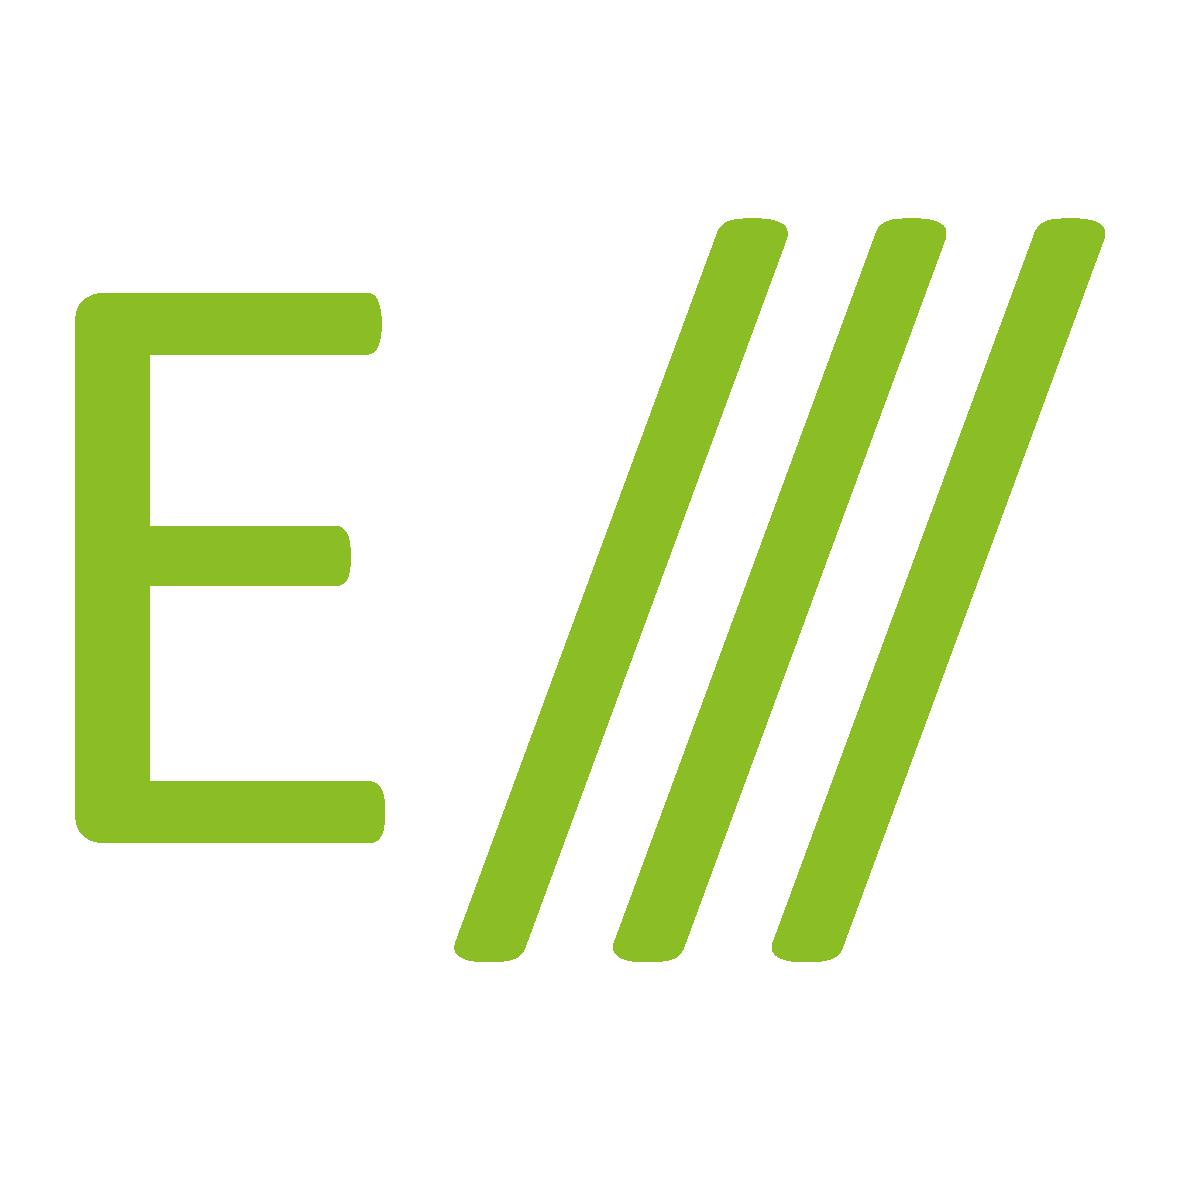 Coworking 1. Bezirk im FinTech-Netzwerk von E///